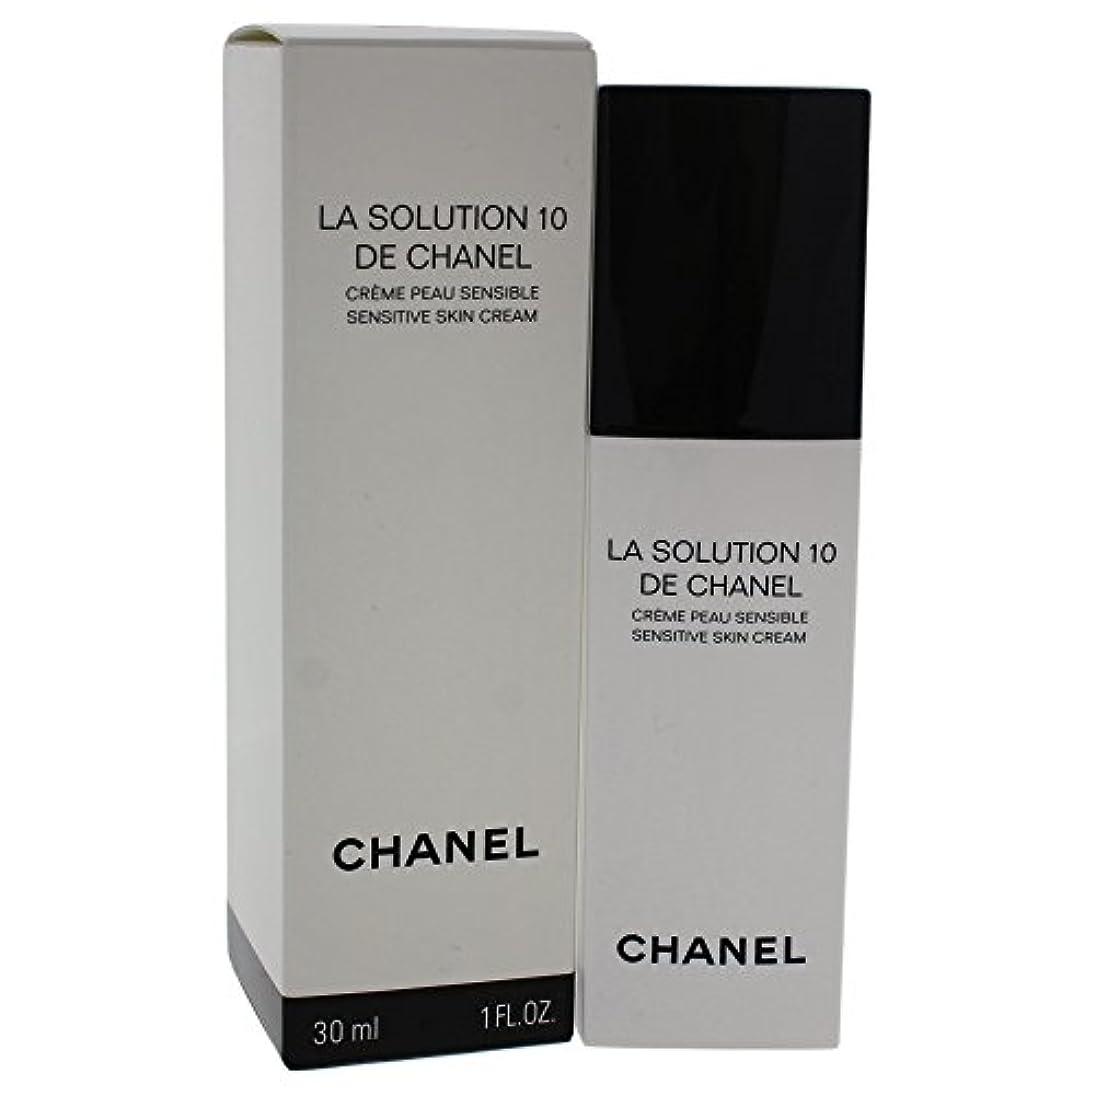 アルカイックためらう液化するシャネル CHANEL ラ ソリューシオン 10 ドゥ シャネル 30ml [並行輸入品]